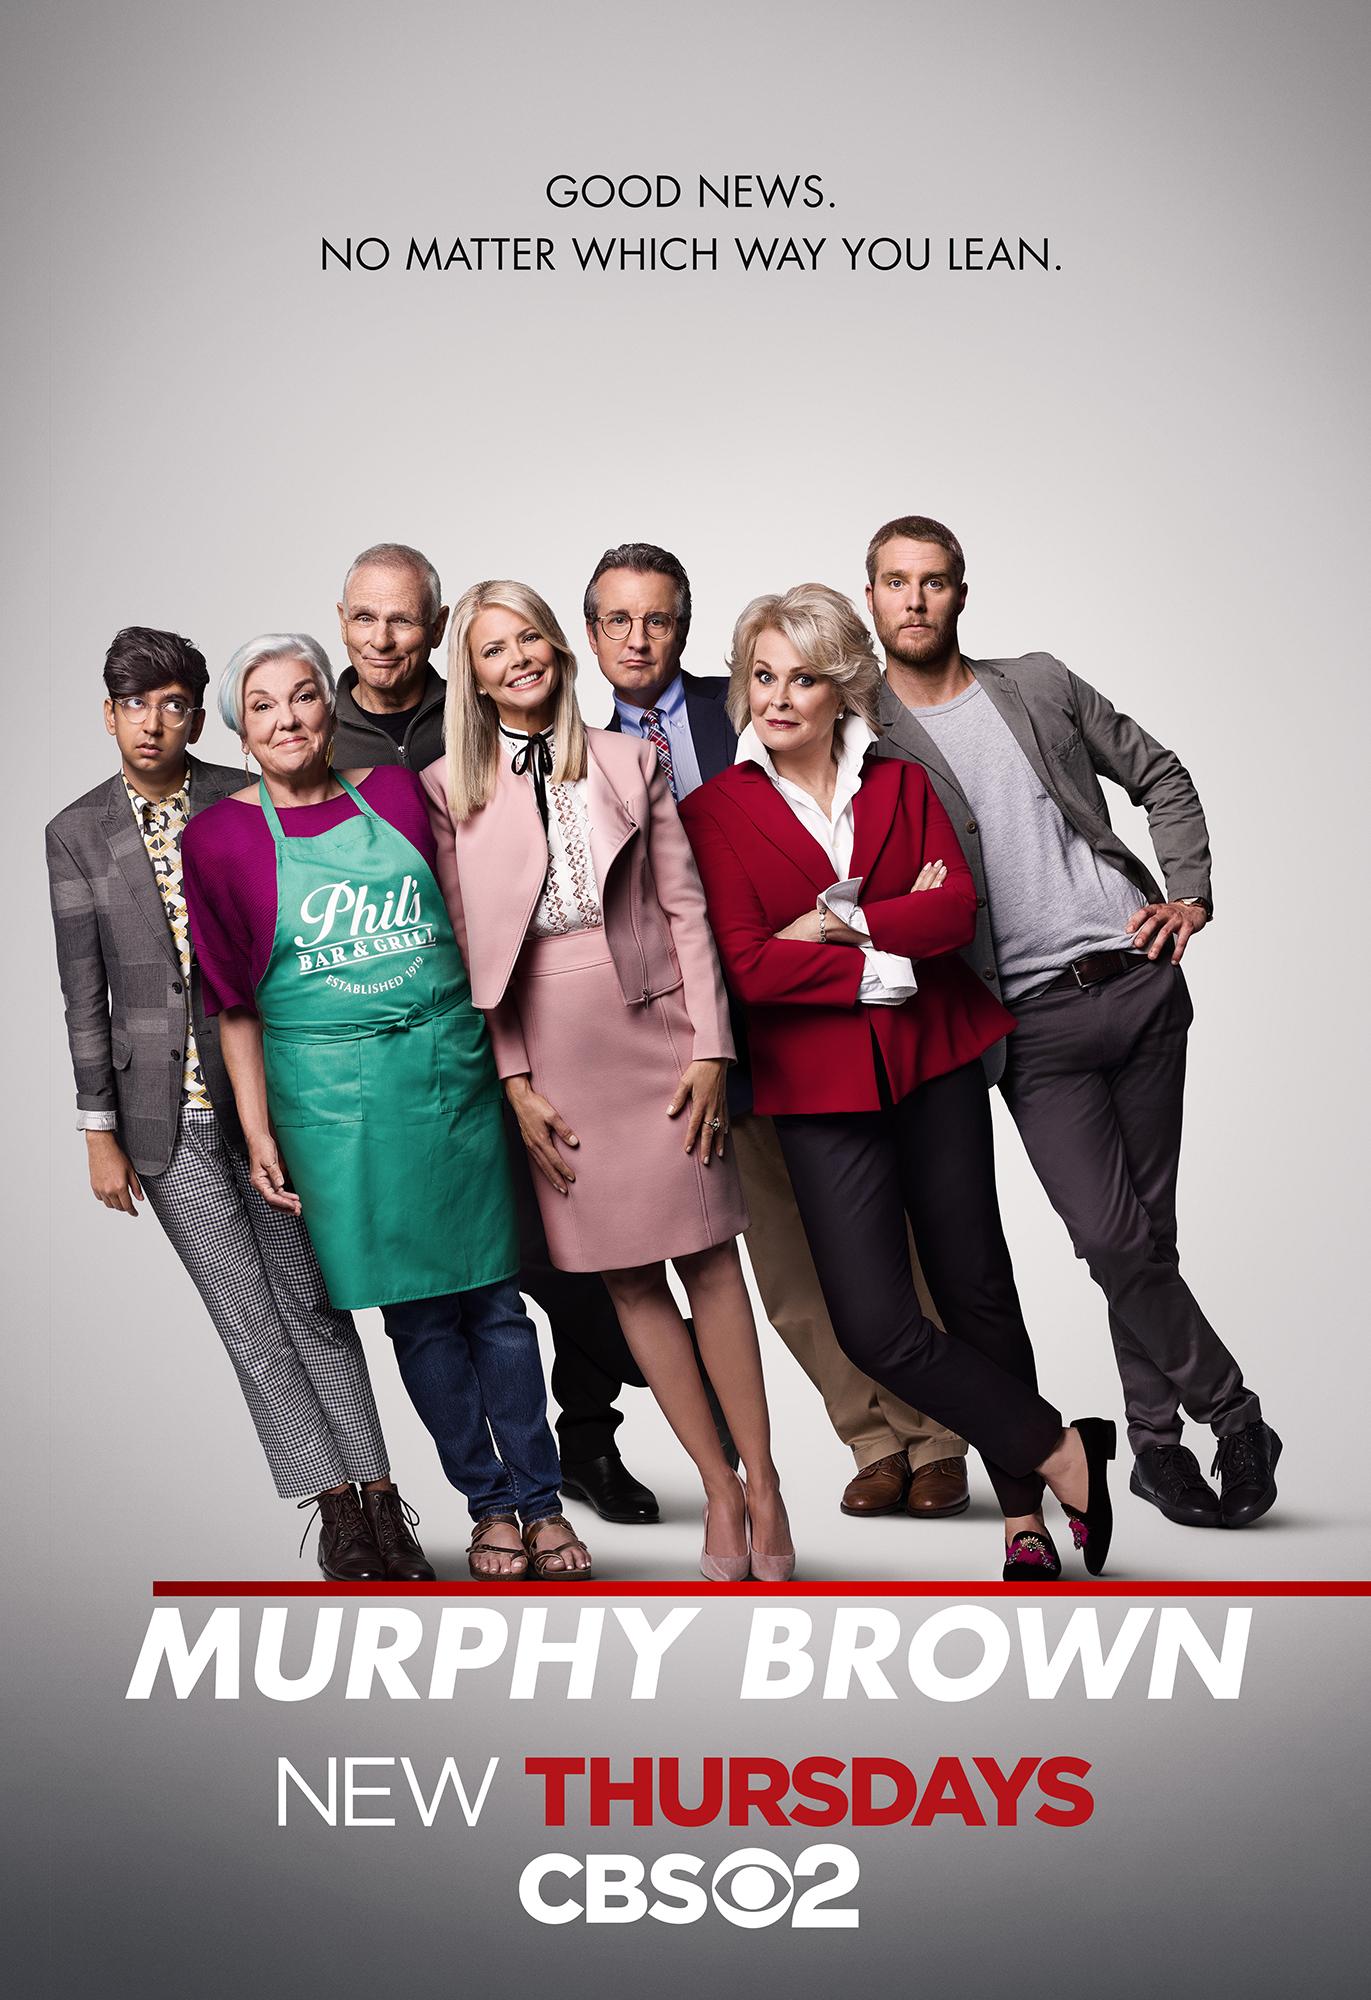 MurphyBrown_KA_100dpi.jpg